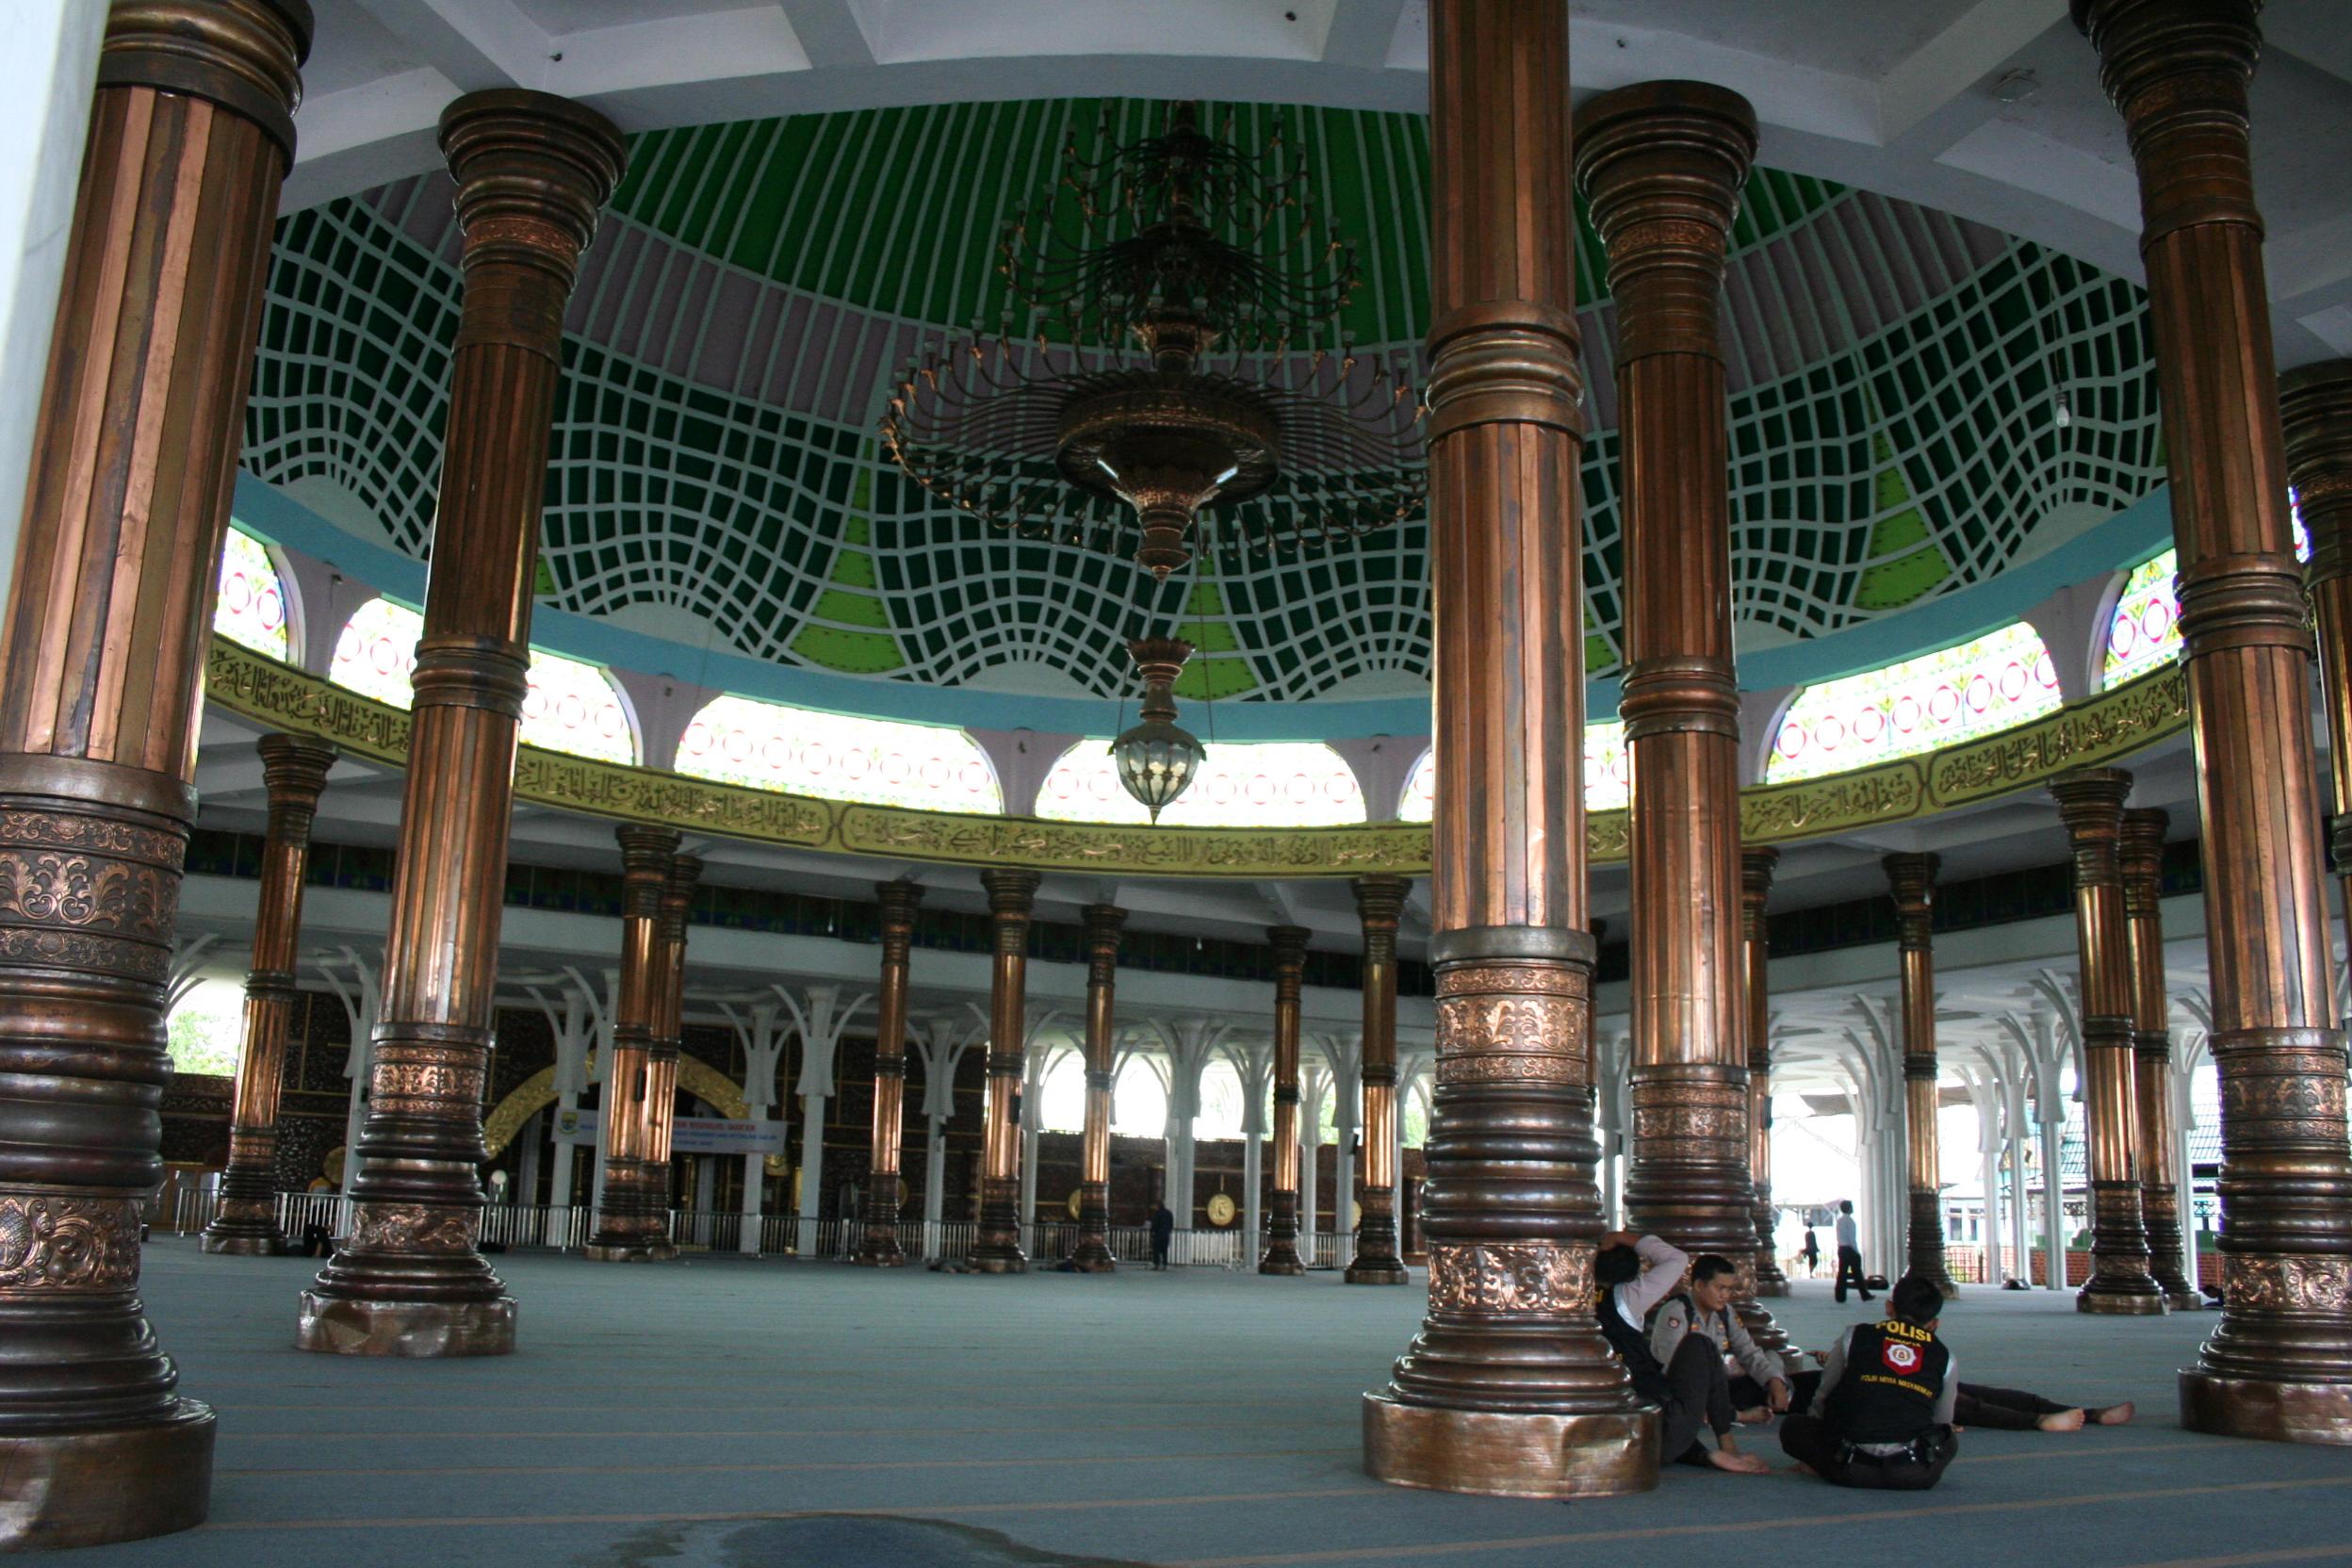 Masjid Agung Al Falah 1 000 Tiang Bintang Terbesar Jambi